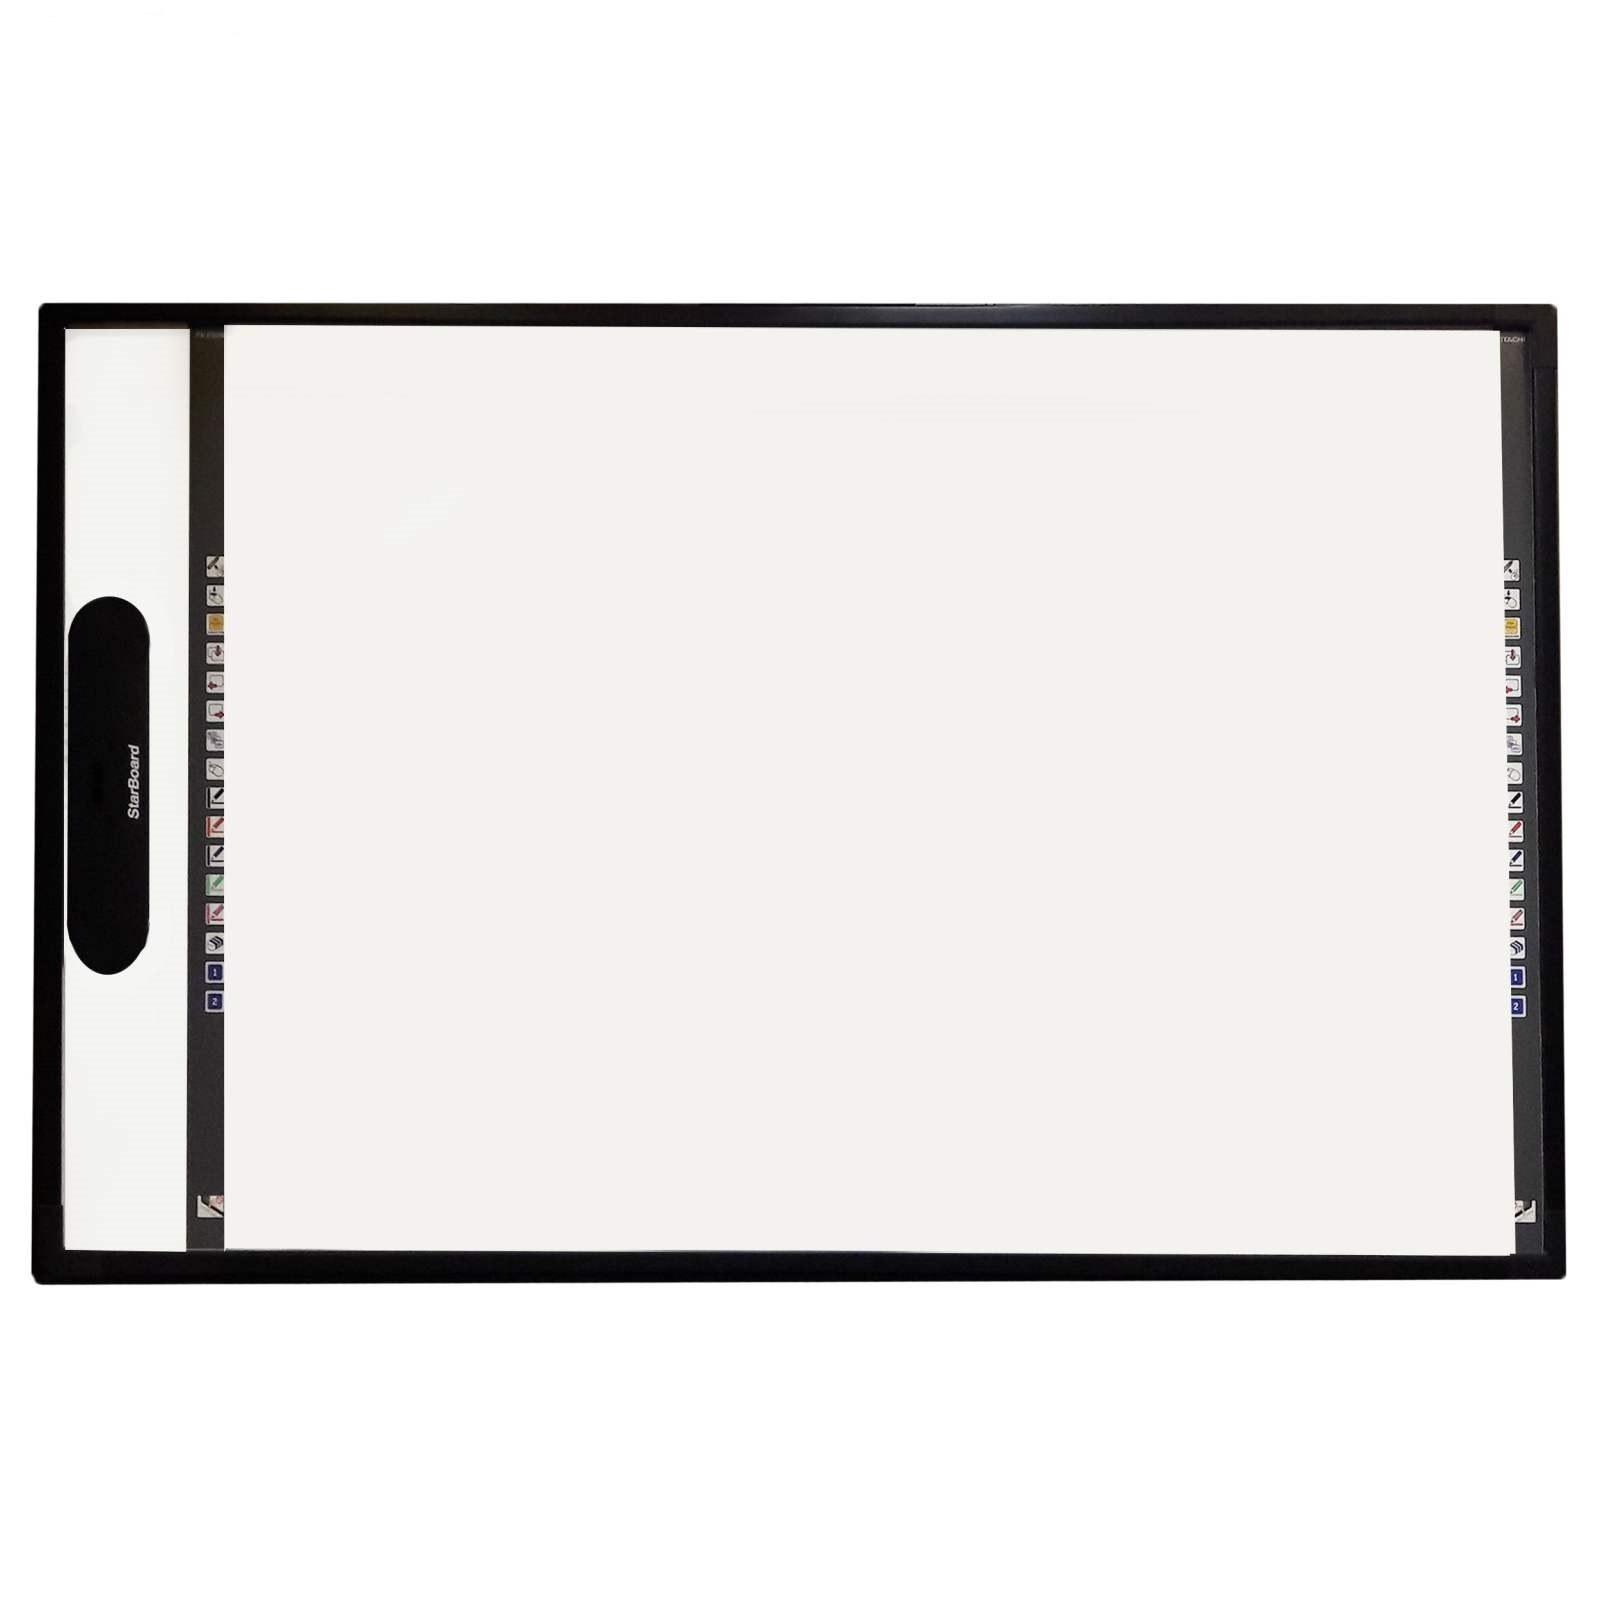 تصویر برد هوشمند مدل FX – e90w هیتاچی Hitachi FX-e90w smart board